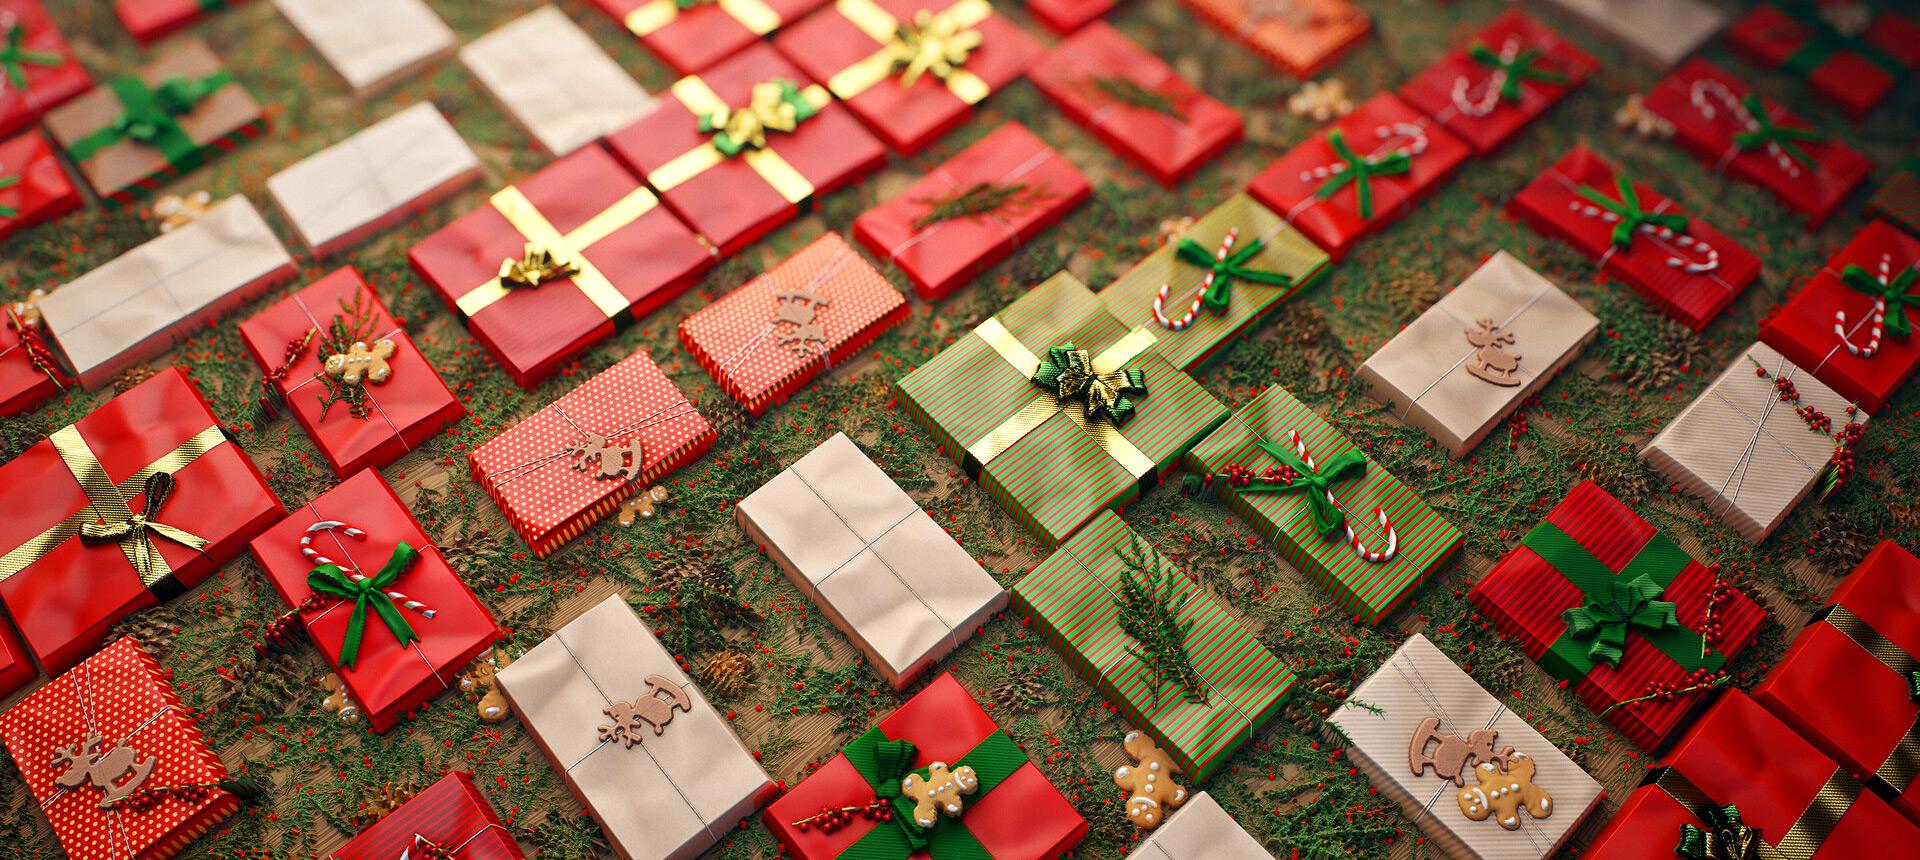 Подборка подарков себе и близким на Новый Год